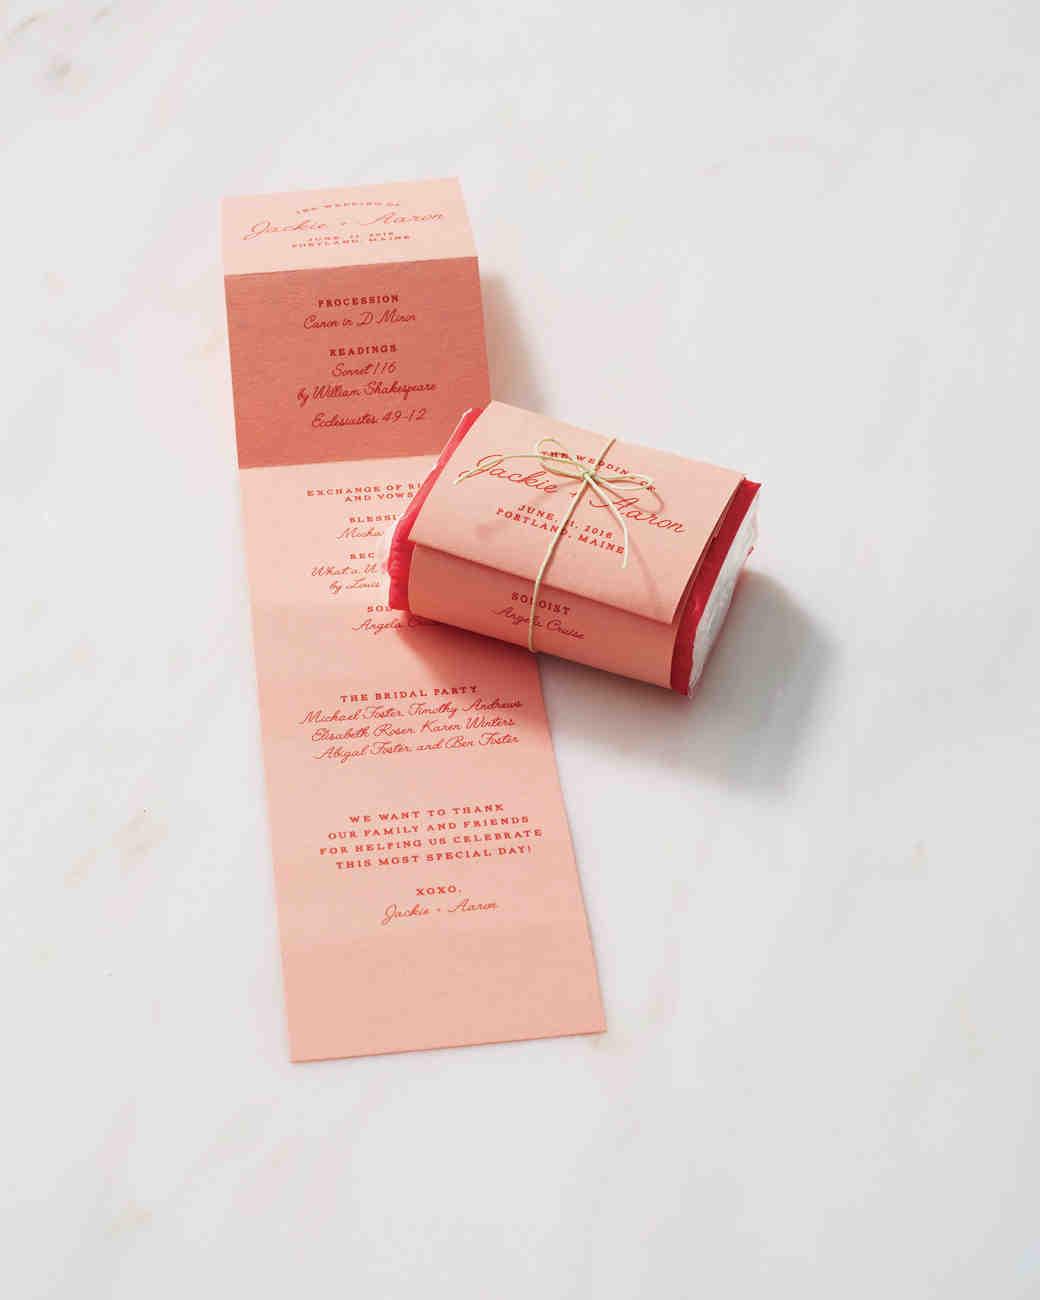 mini-tissue-pack-wrap-ceremony-program-252-d112790.jpg